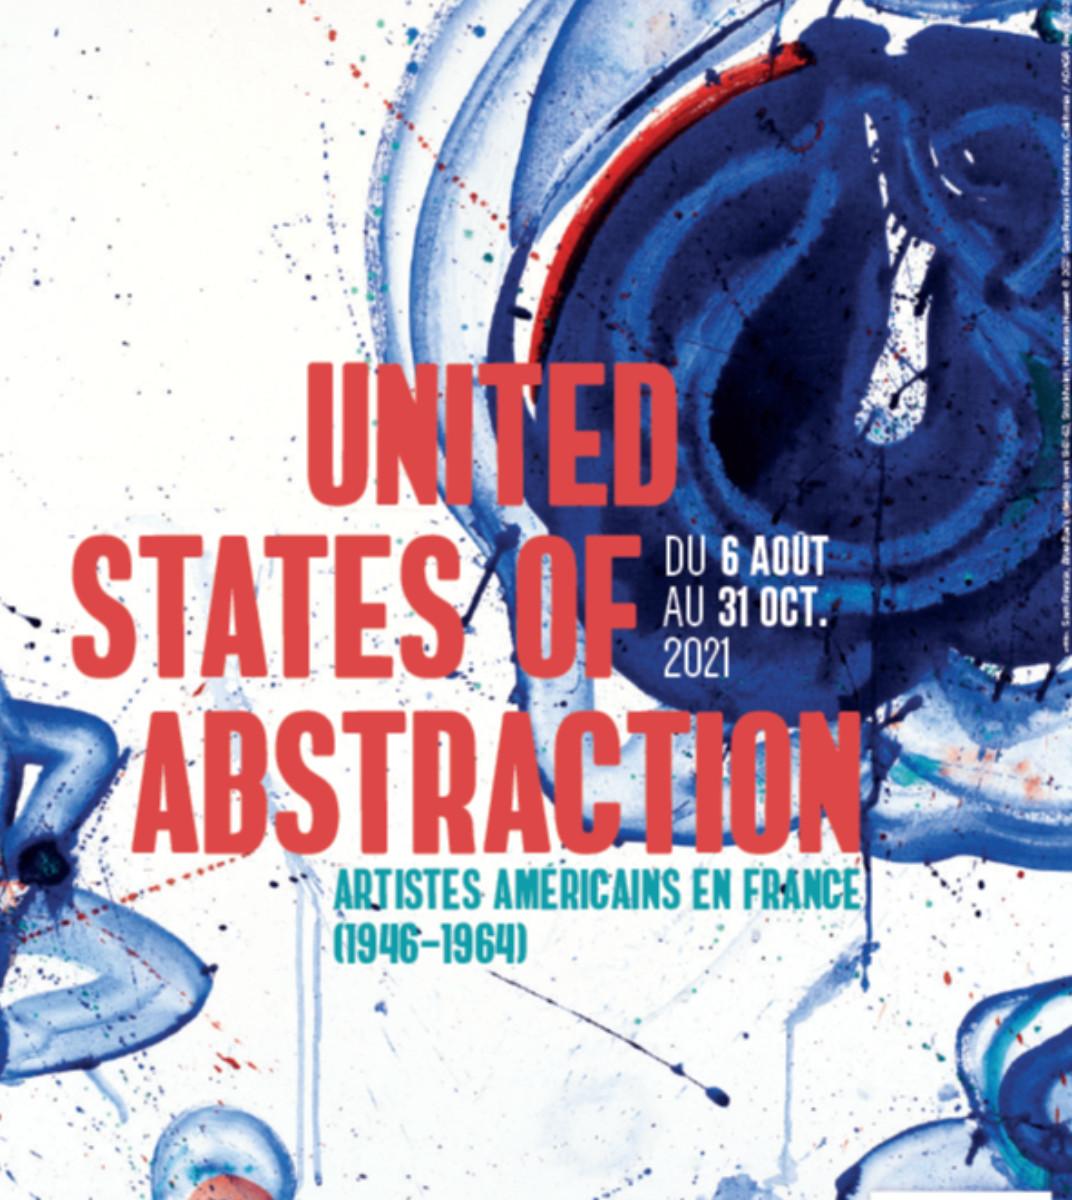 United States of Abstraction : Artistes américains en France (1946-1964) sur le site d'ARTactif